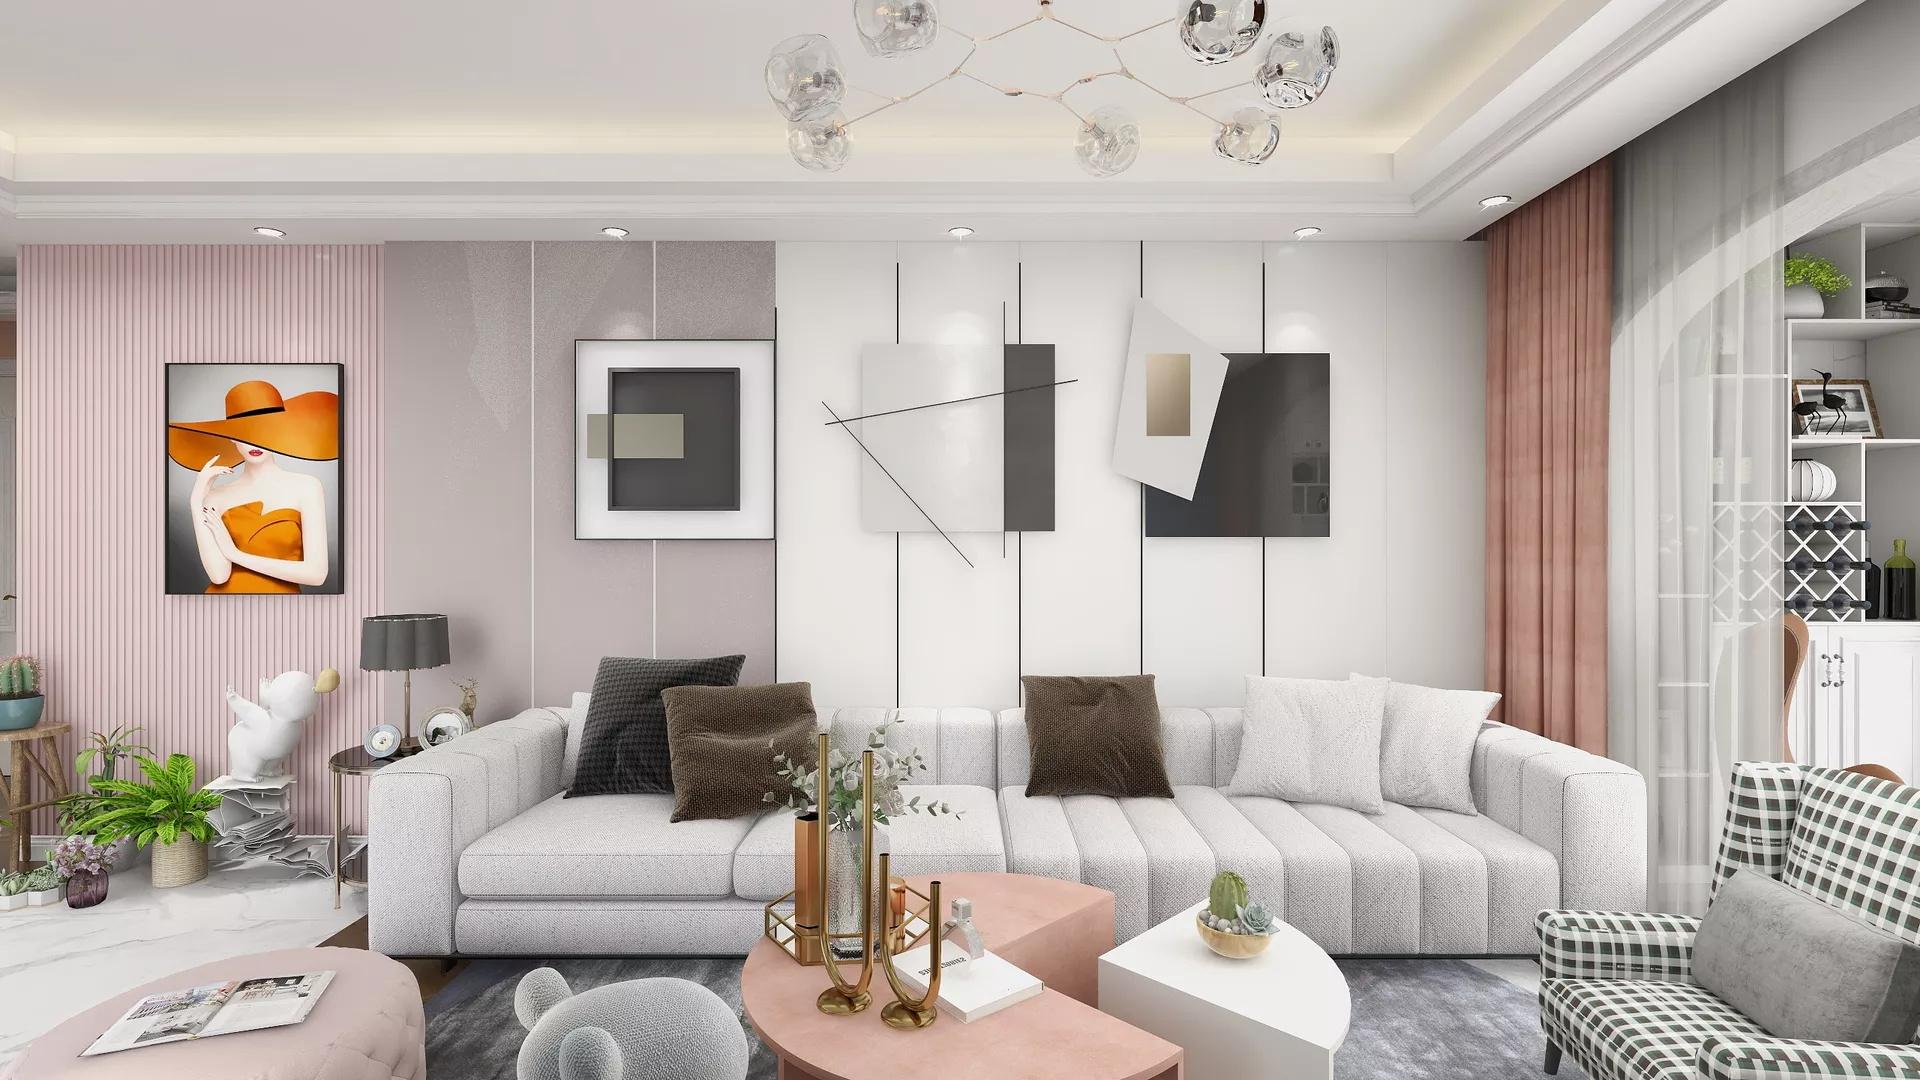 地中海风格乐活时尚客厅装修效果图